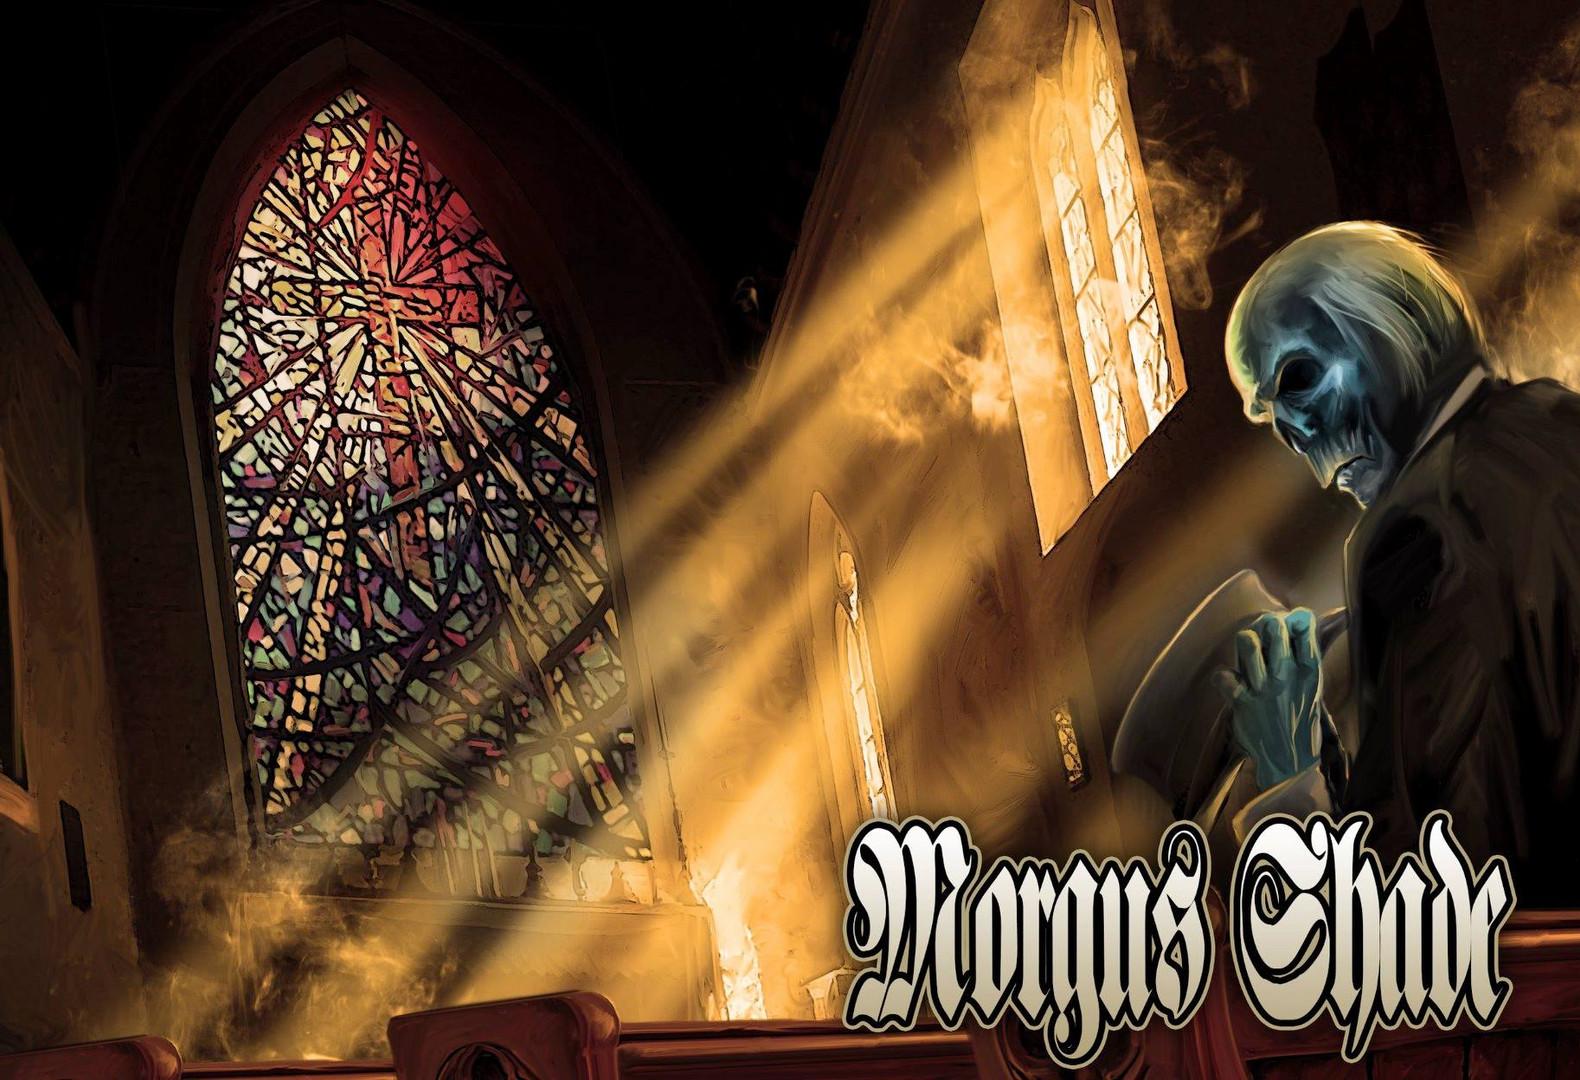 MORGUS SHADE CHURCH